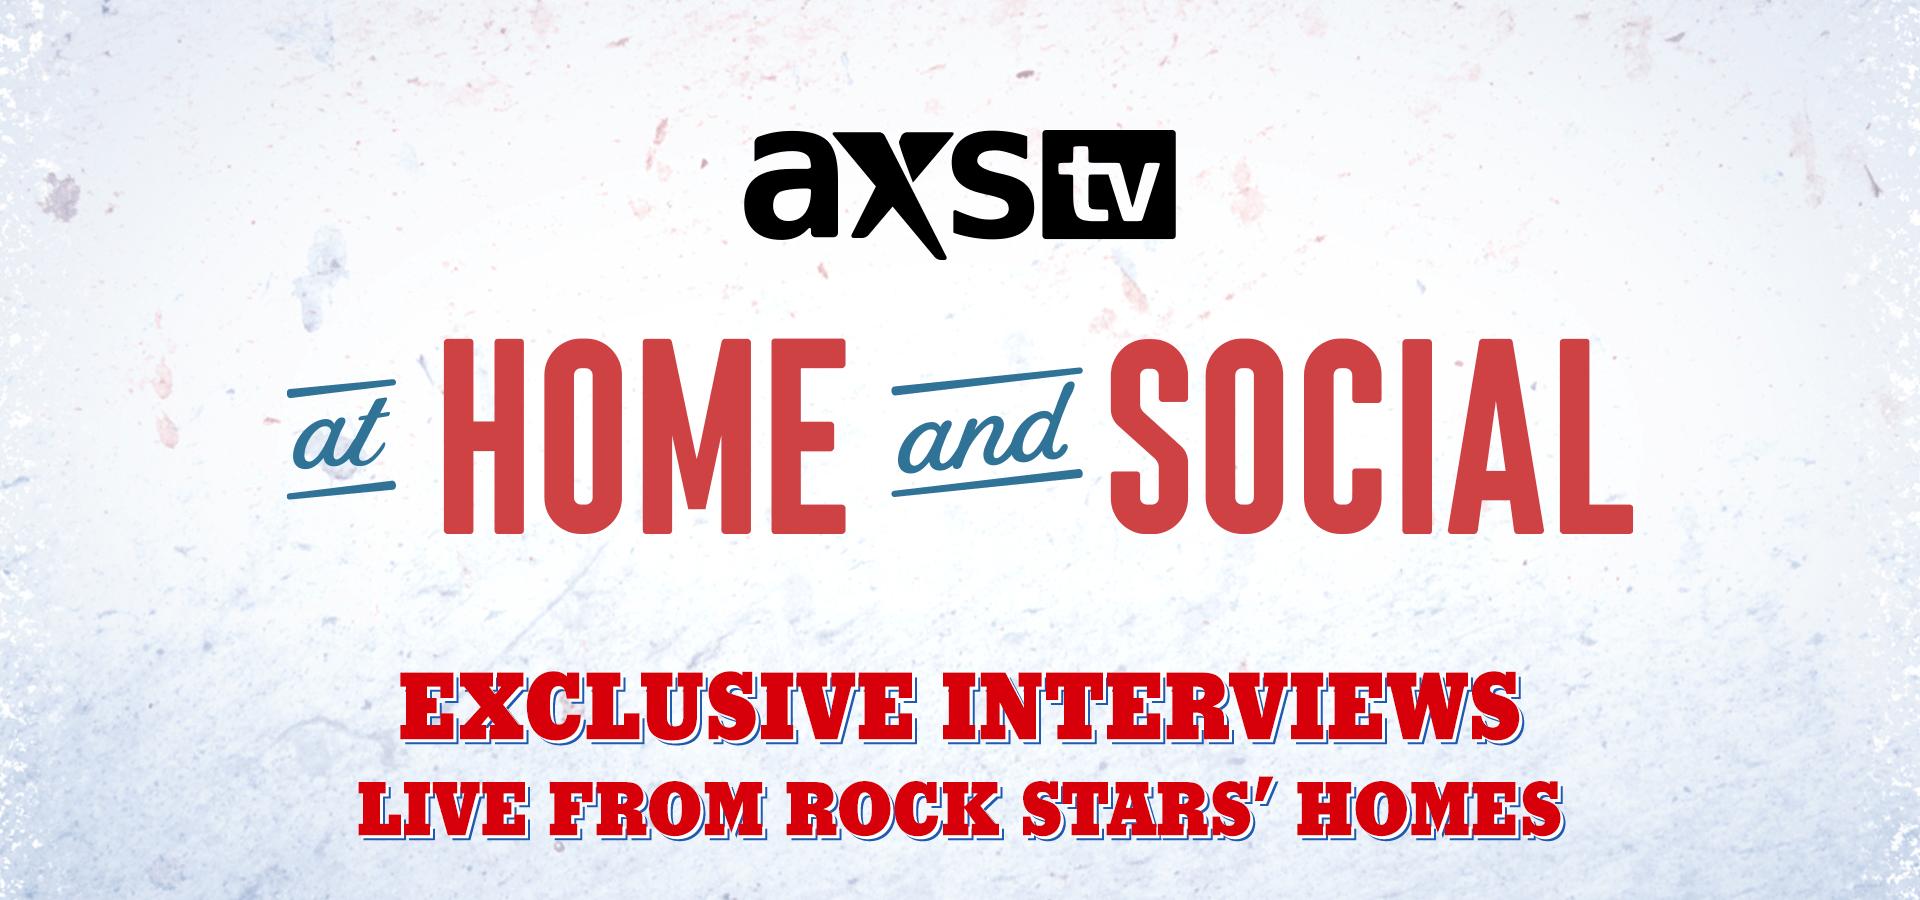 At Home and Social